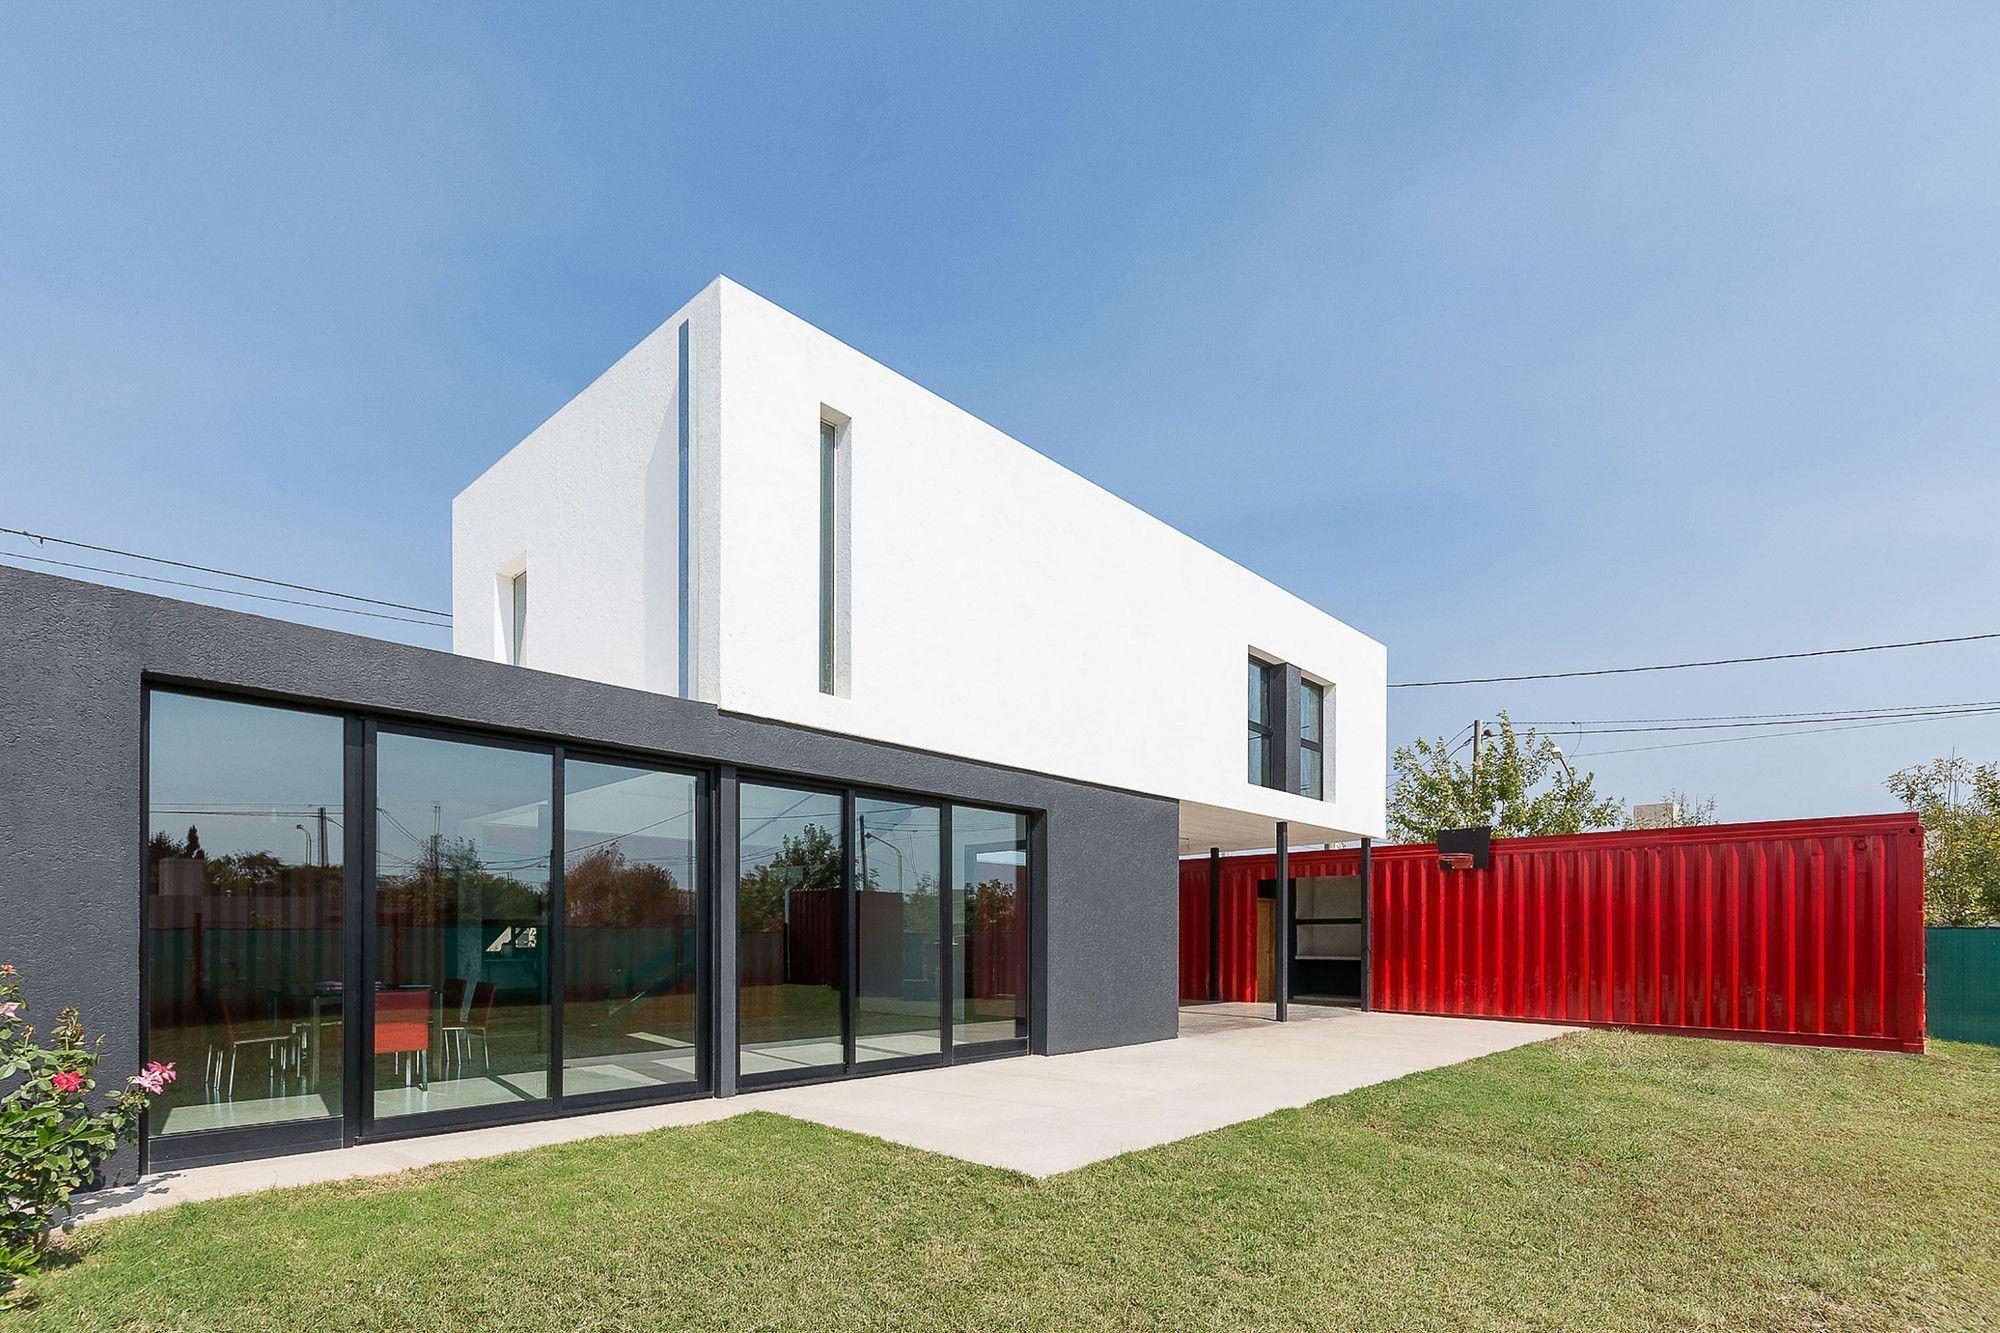 Casa container: 90 fotos com projetos fornecedores e preços #B8131B 2000 1333